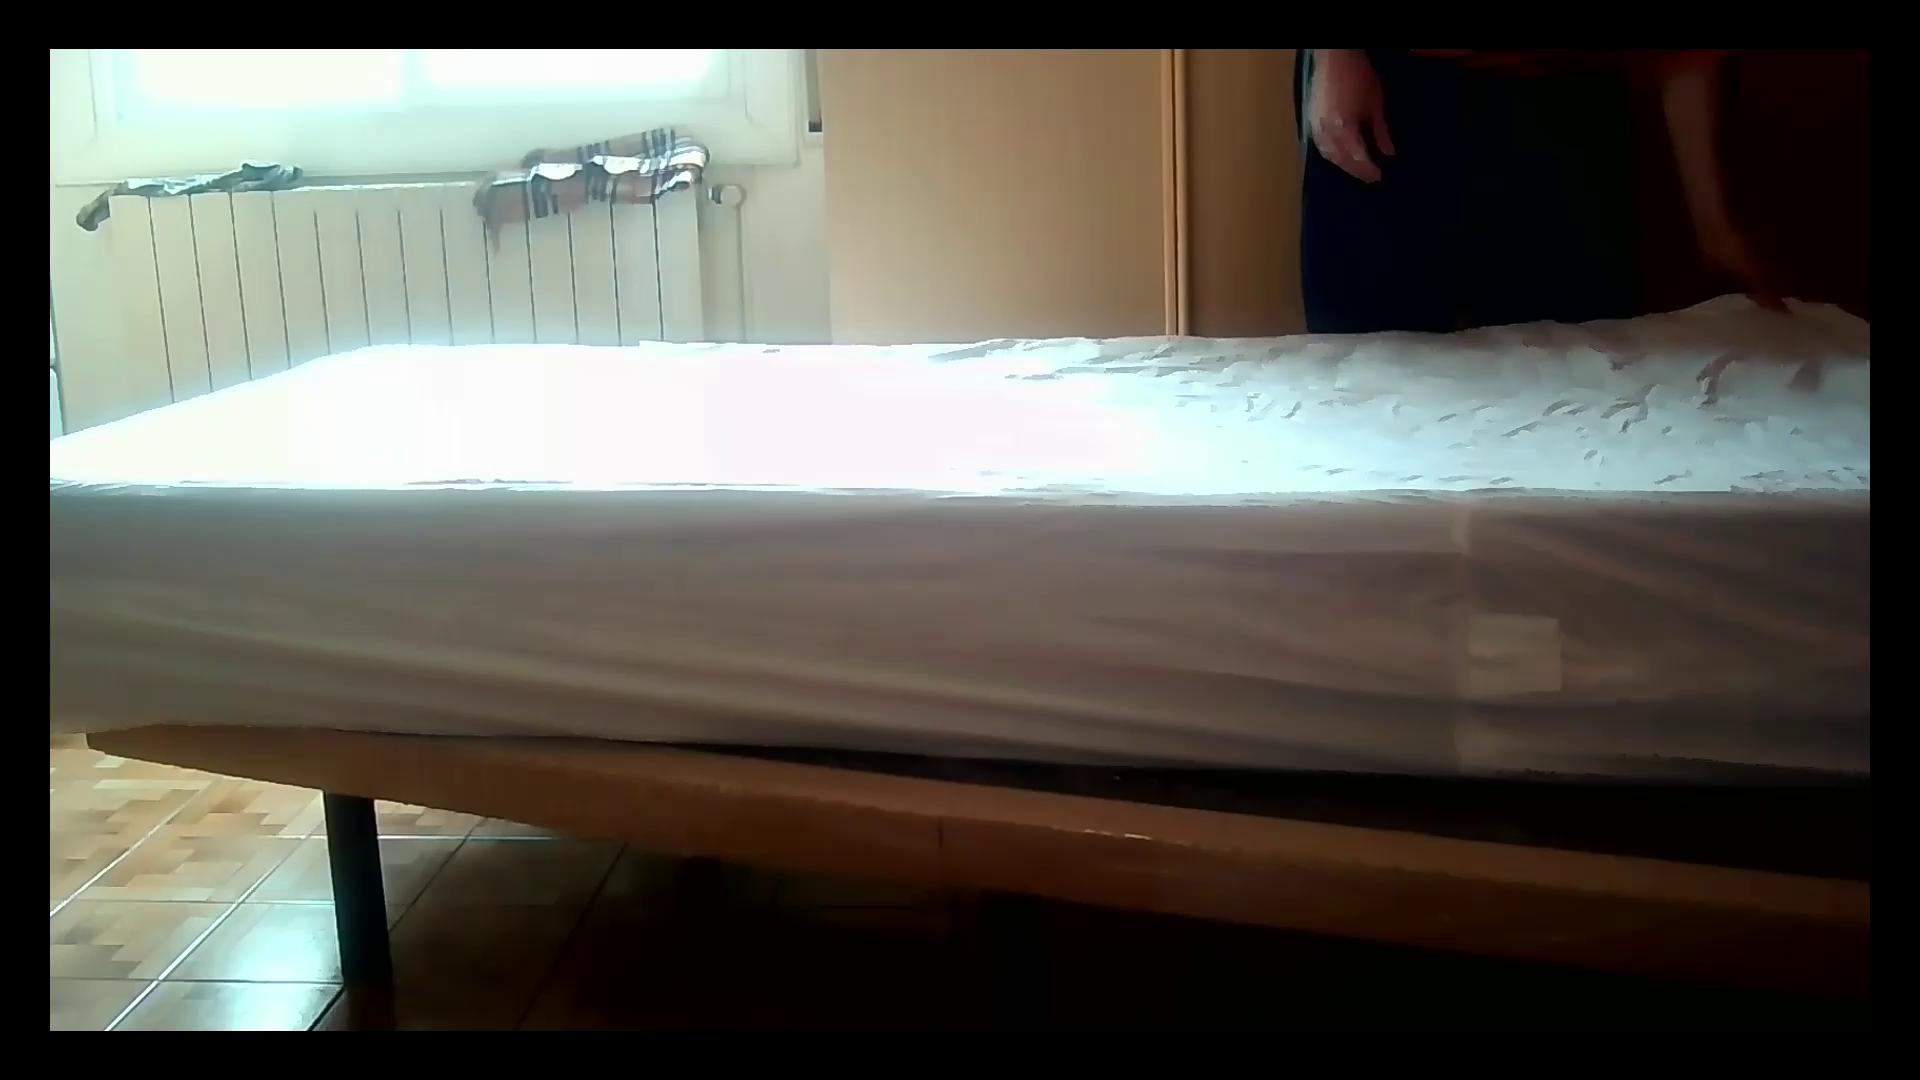 Utopia Bedding Funda de colchón Impermeable con Cremallera - Altura del colchón 15-25 cm - Protección contra líquidos, Insectos y ácaros del Polvo ...